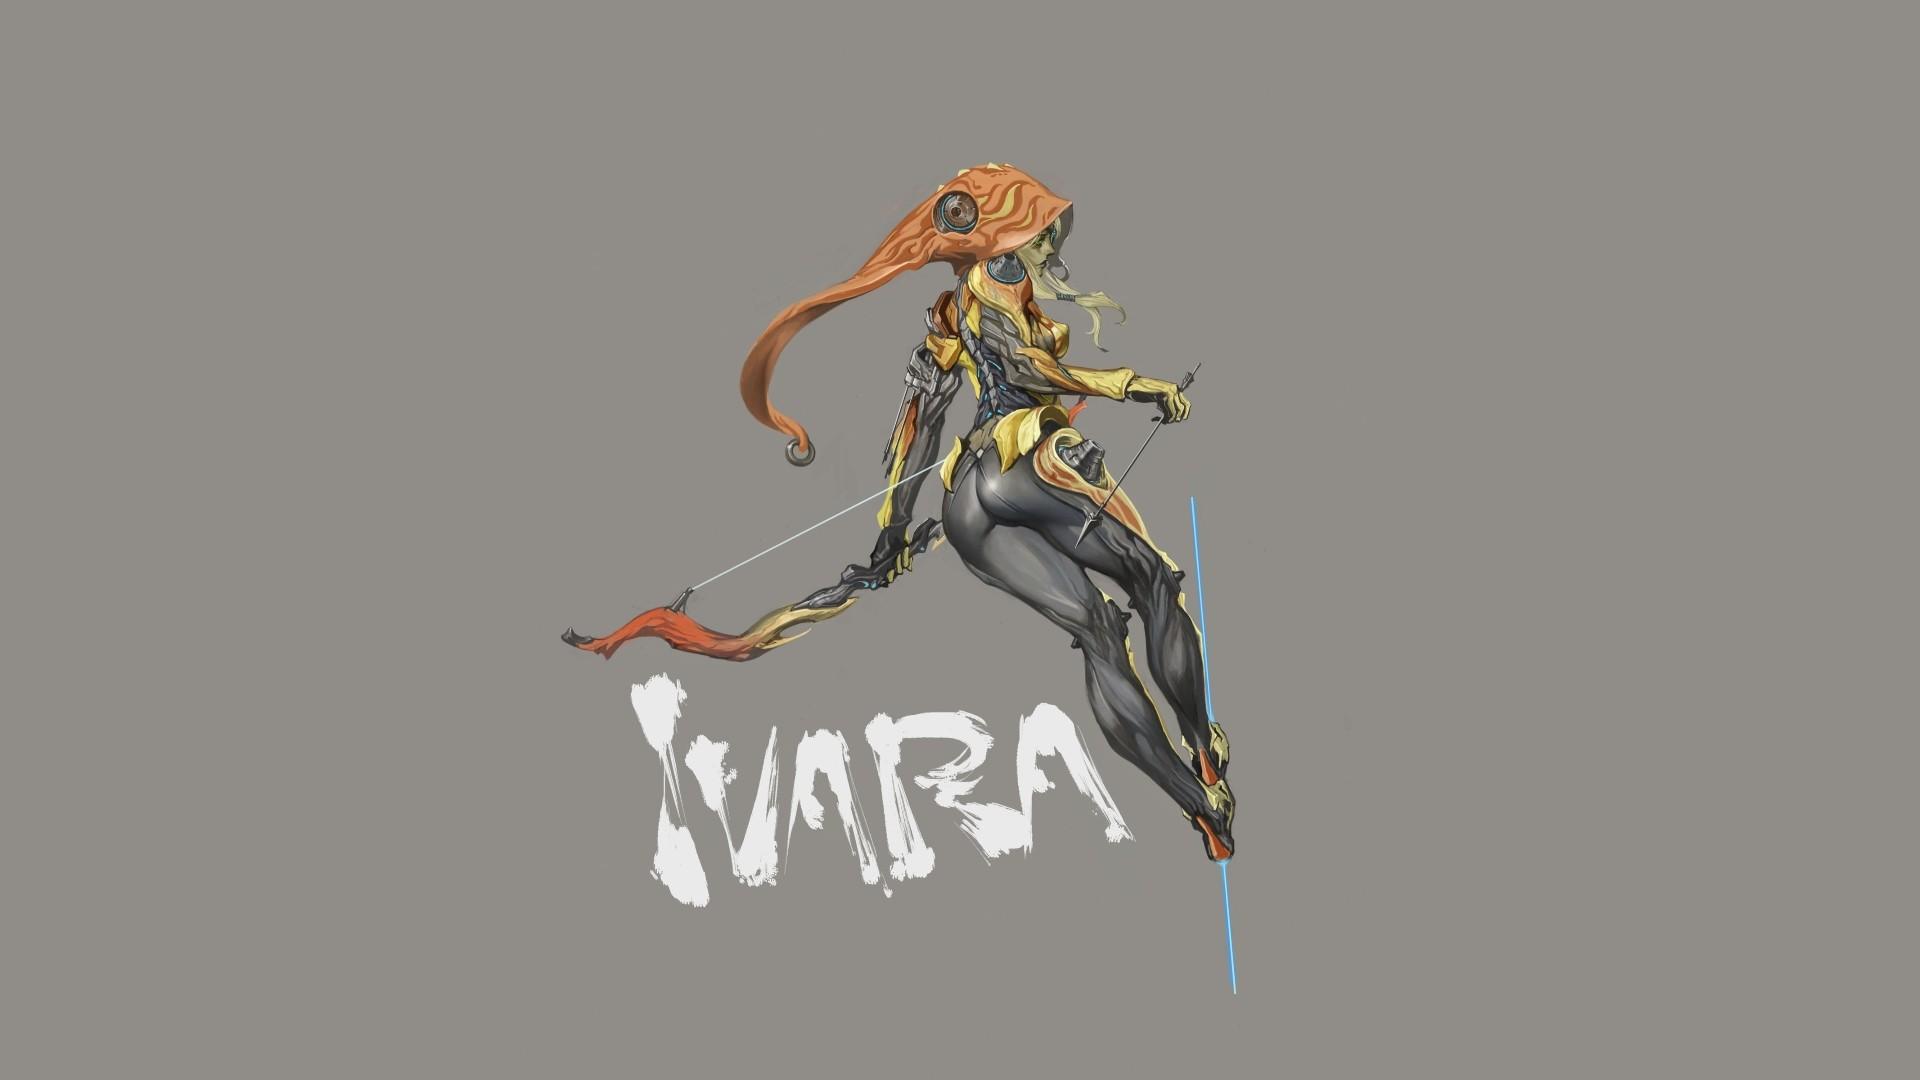 Wallpaper Ilustrasi Video Game Gambar Kartun Ivara Warframe